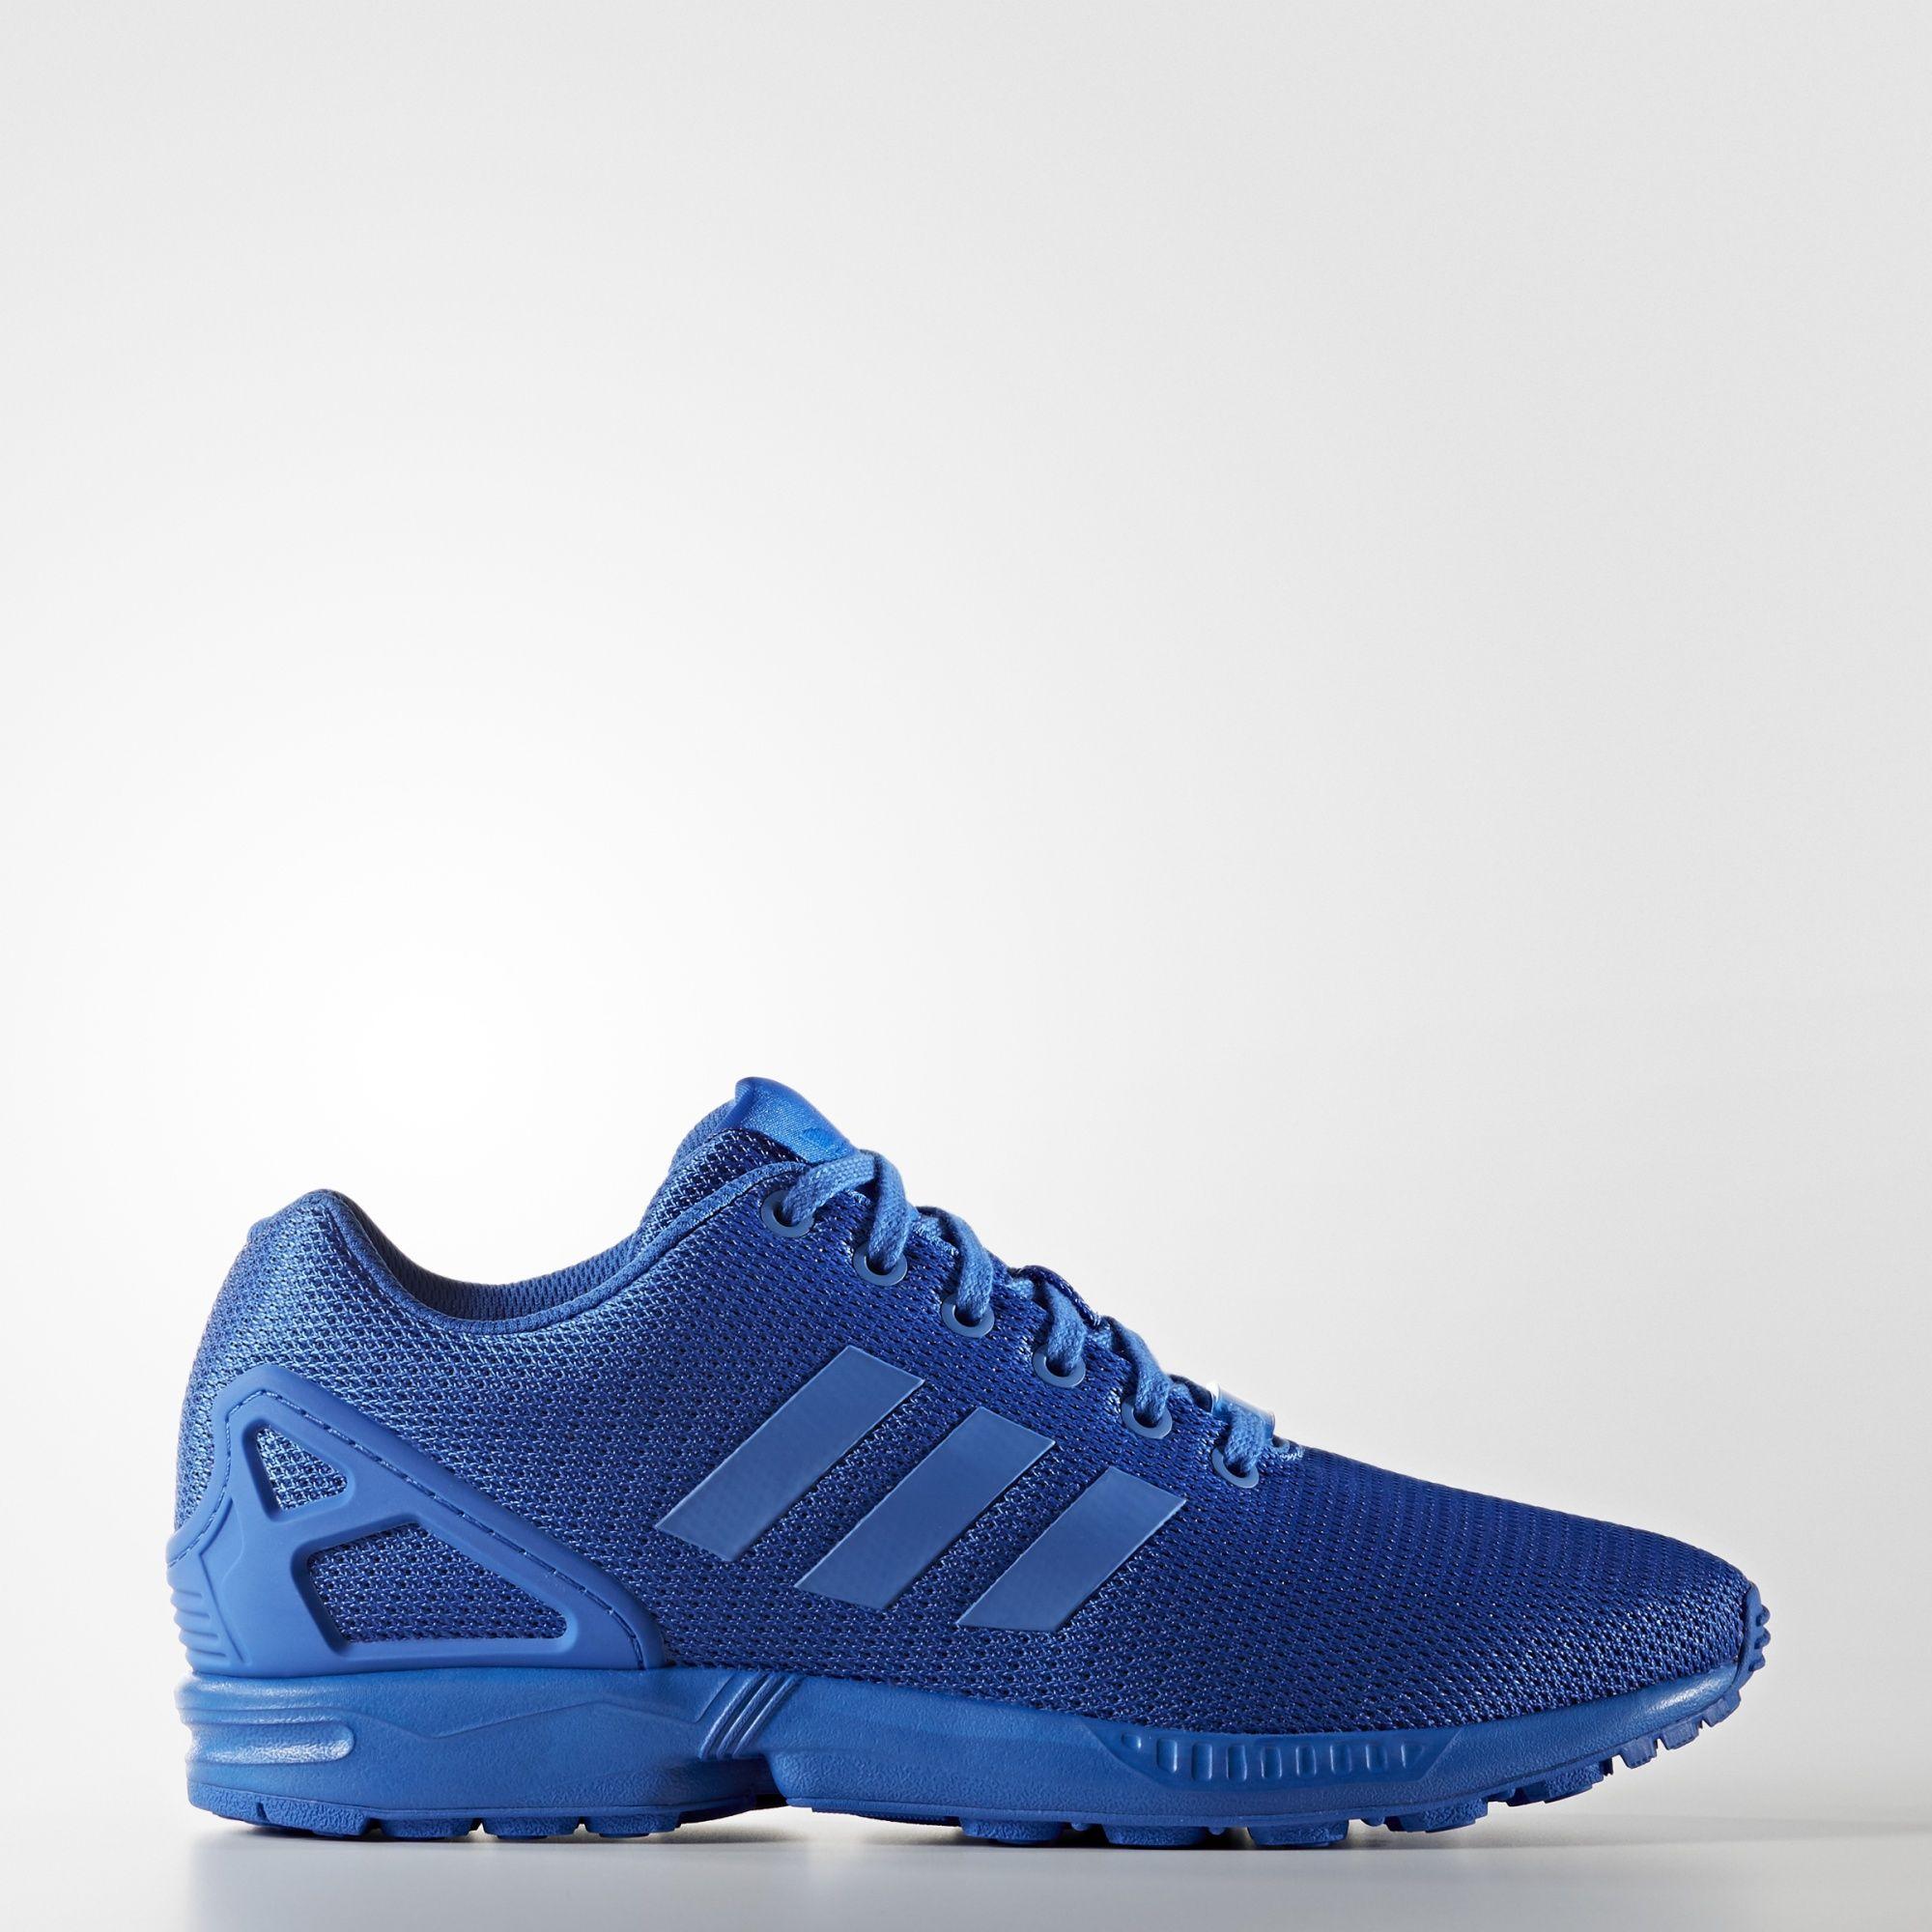 [adidas] Viele ZX Flux Schuhe im Sale (auch viele Größen!) ab 47 Euro + Versand